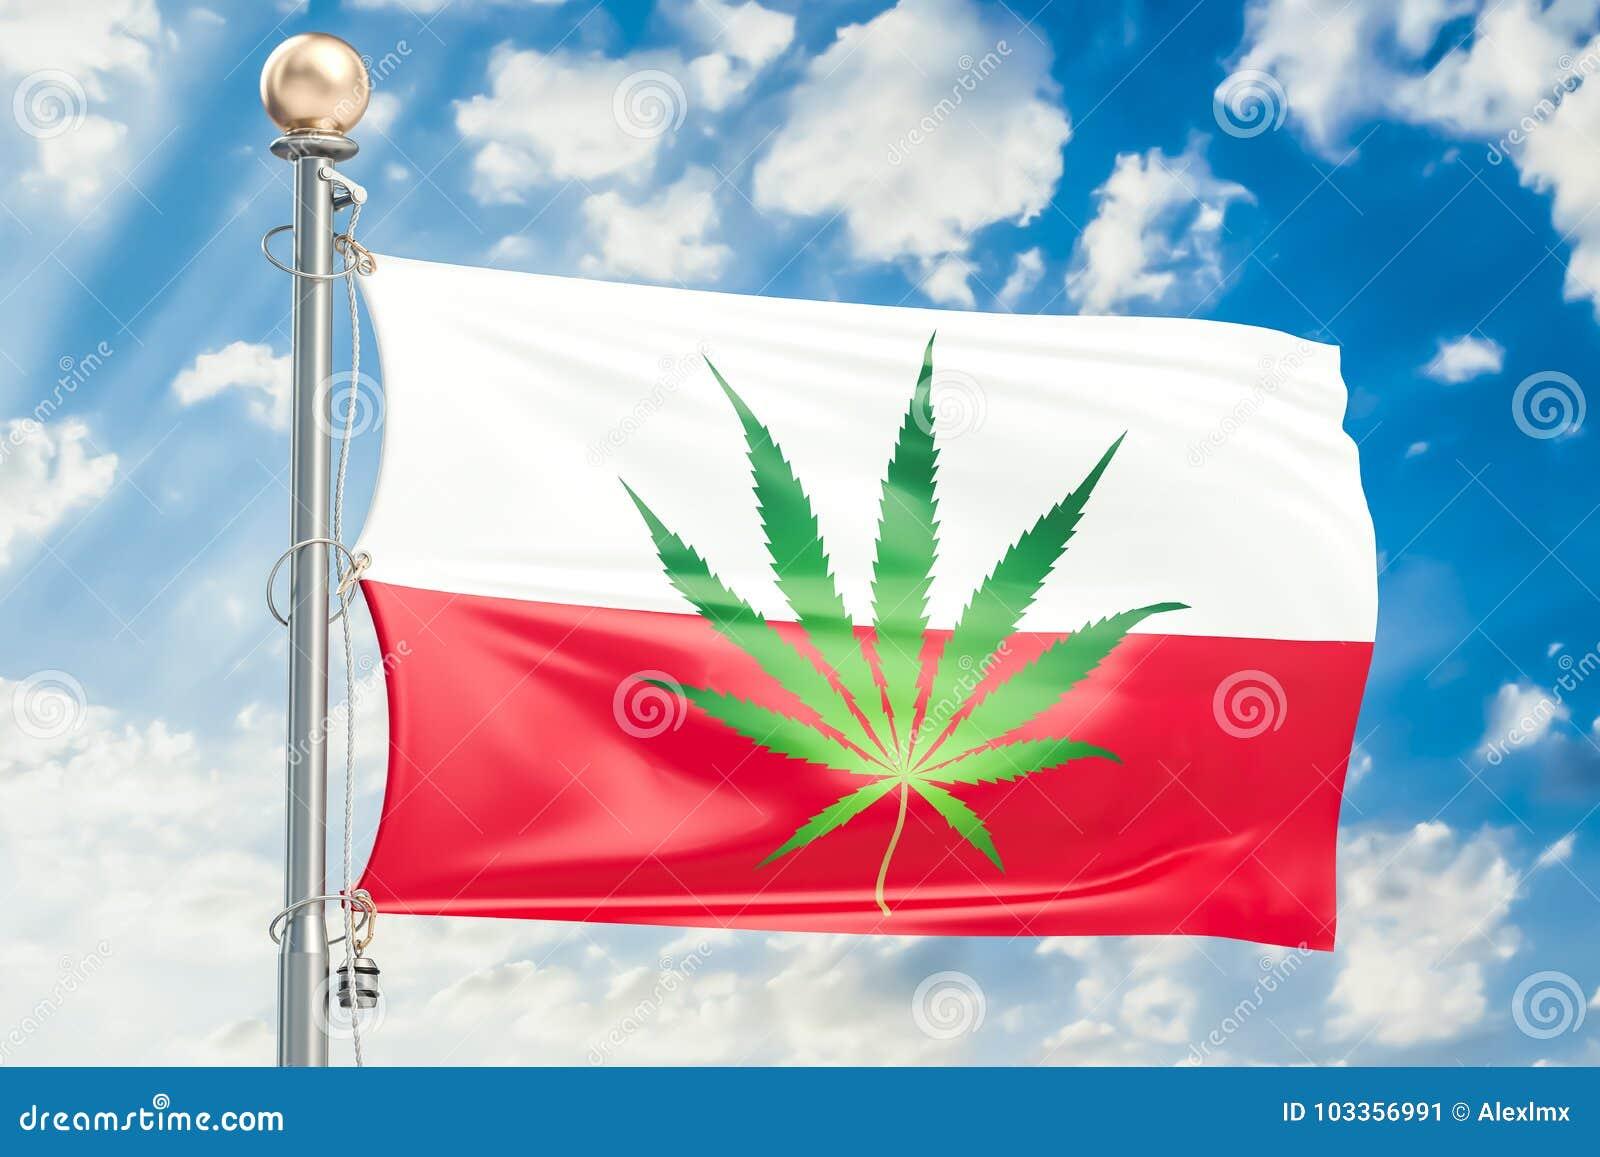 Legalisierung Des Hanfs In Polen Polnische Flagge Mit Marihuana L